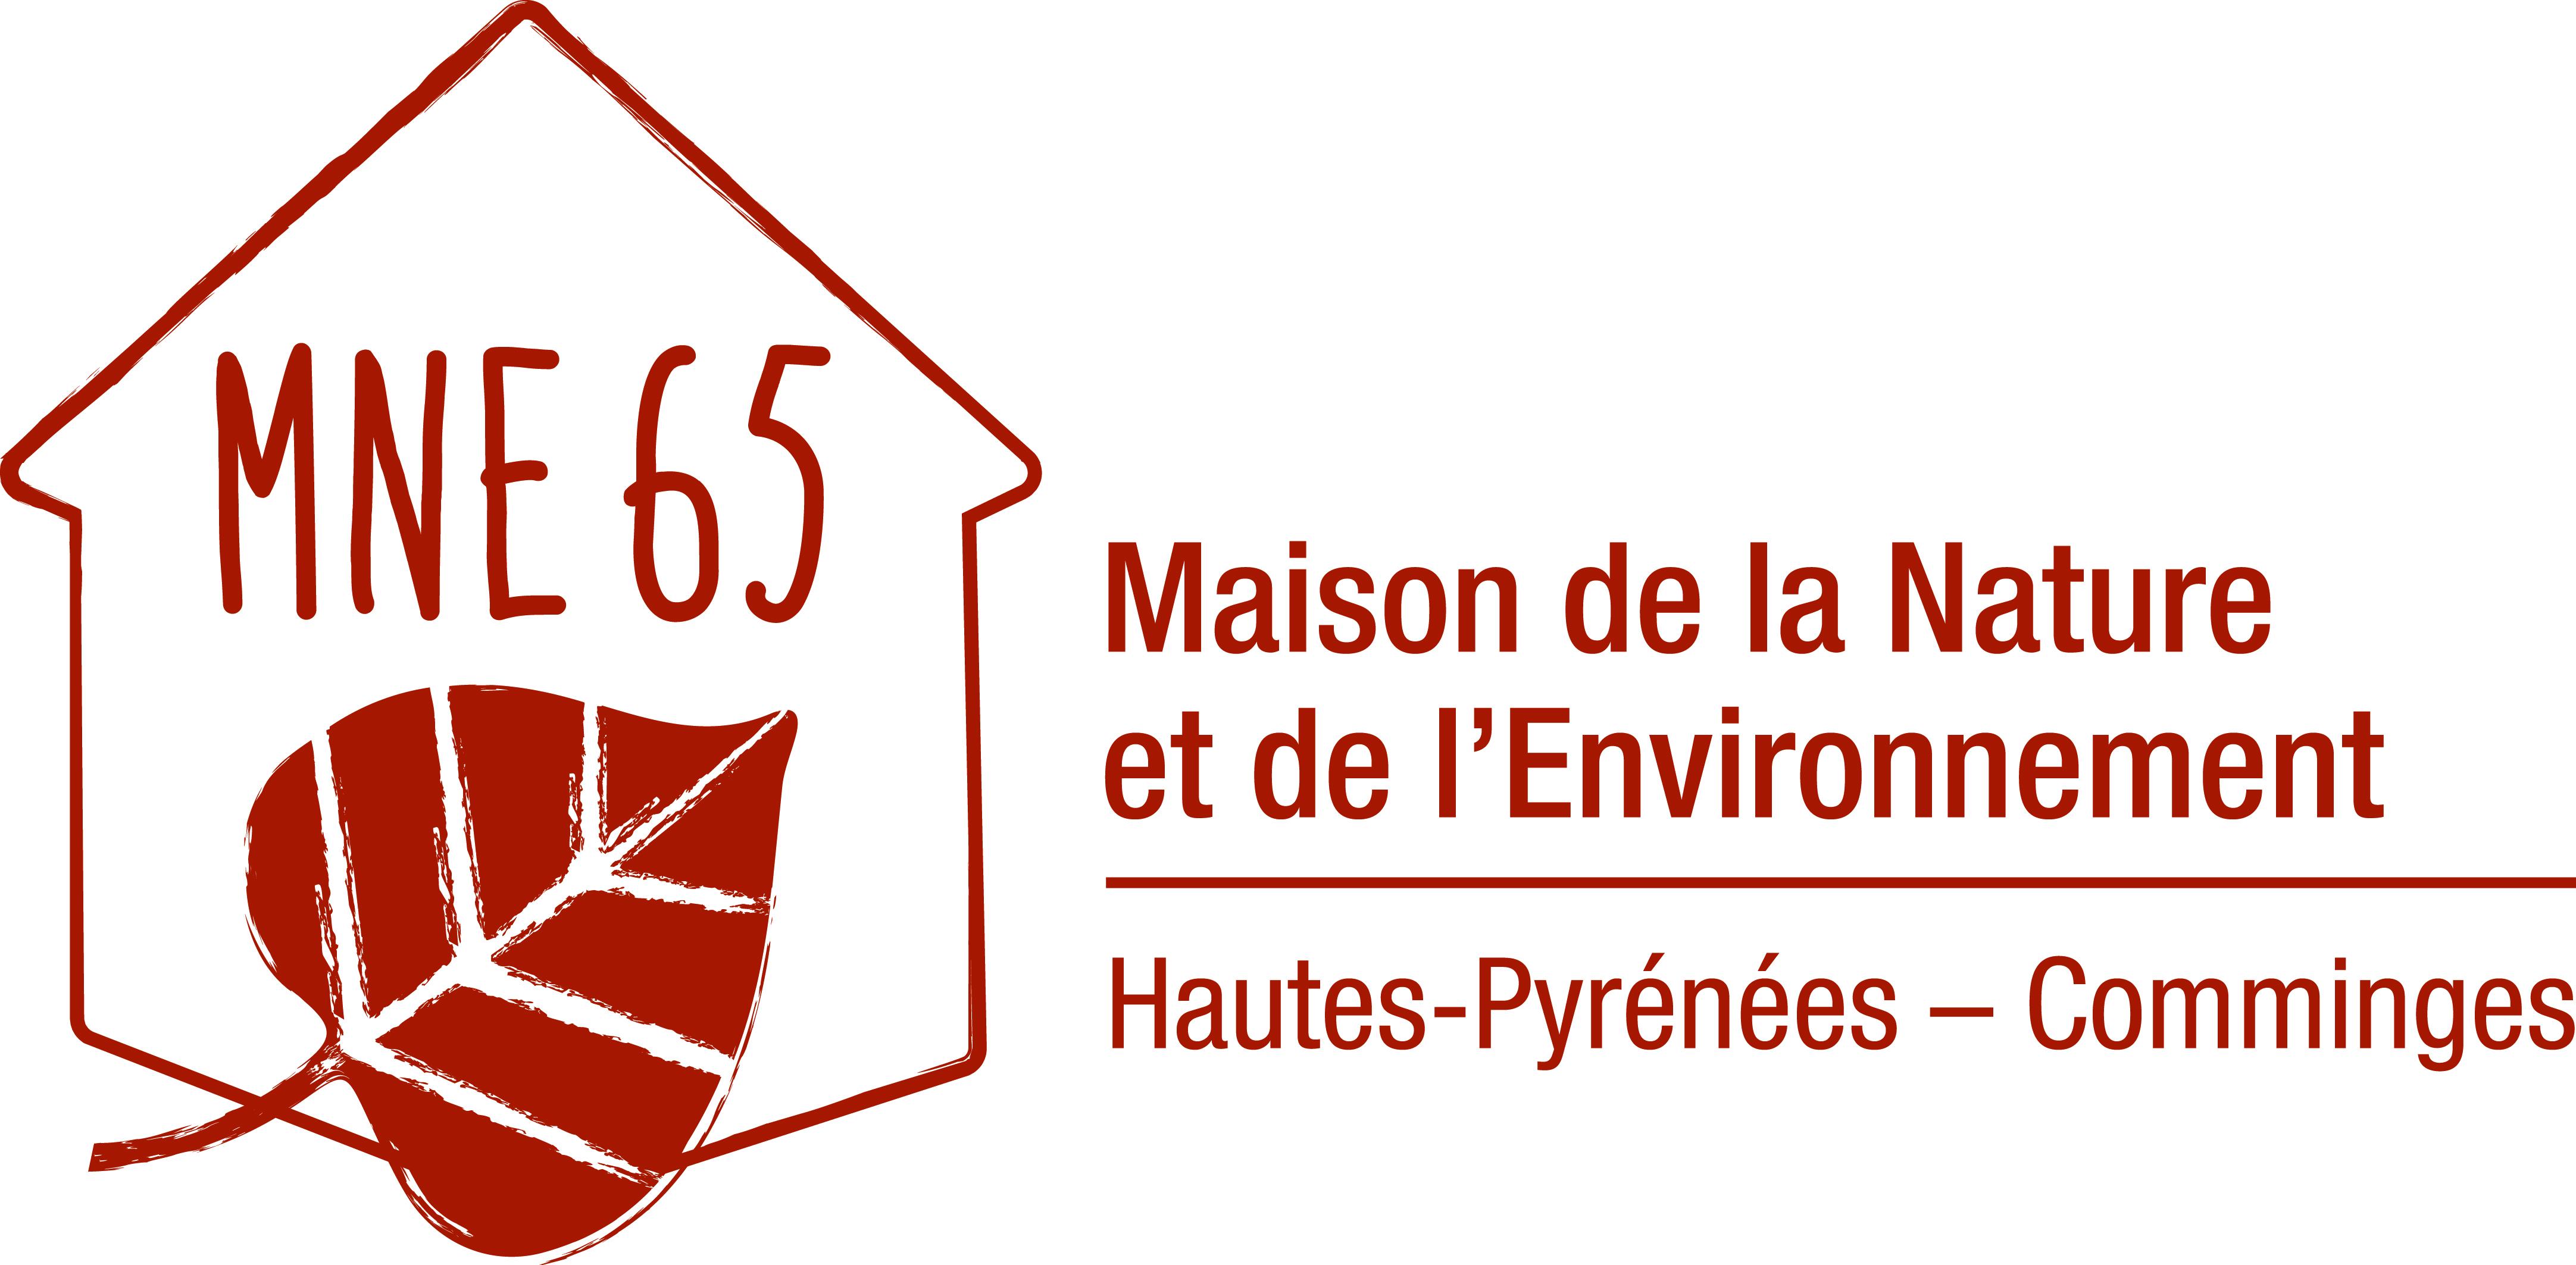 Maison de la Nature et de l'Environnement 65